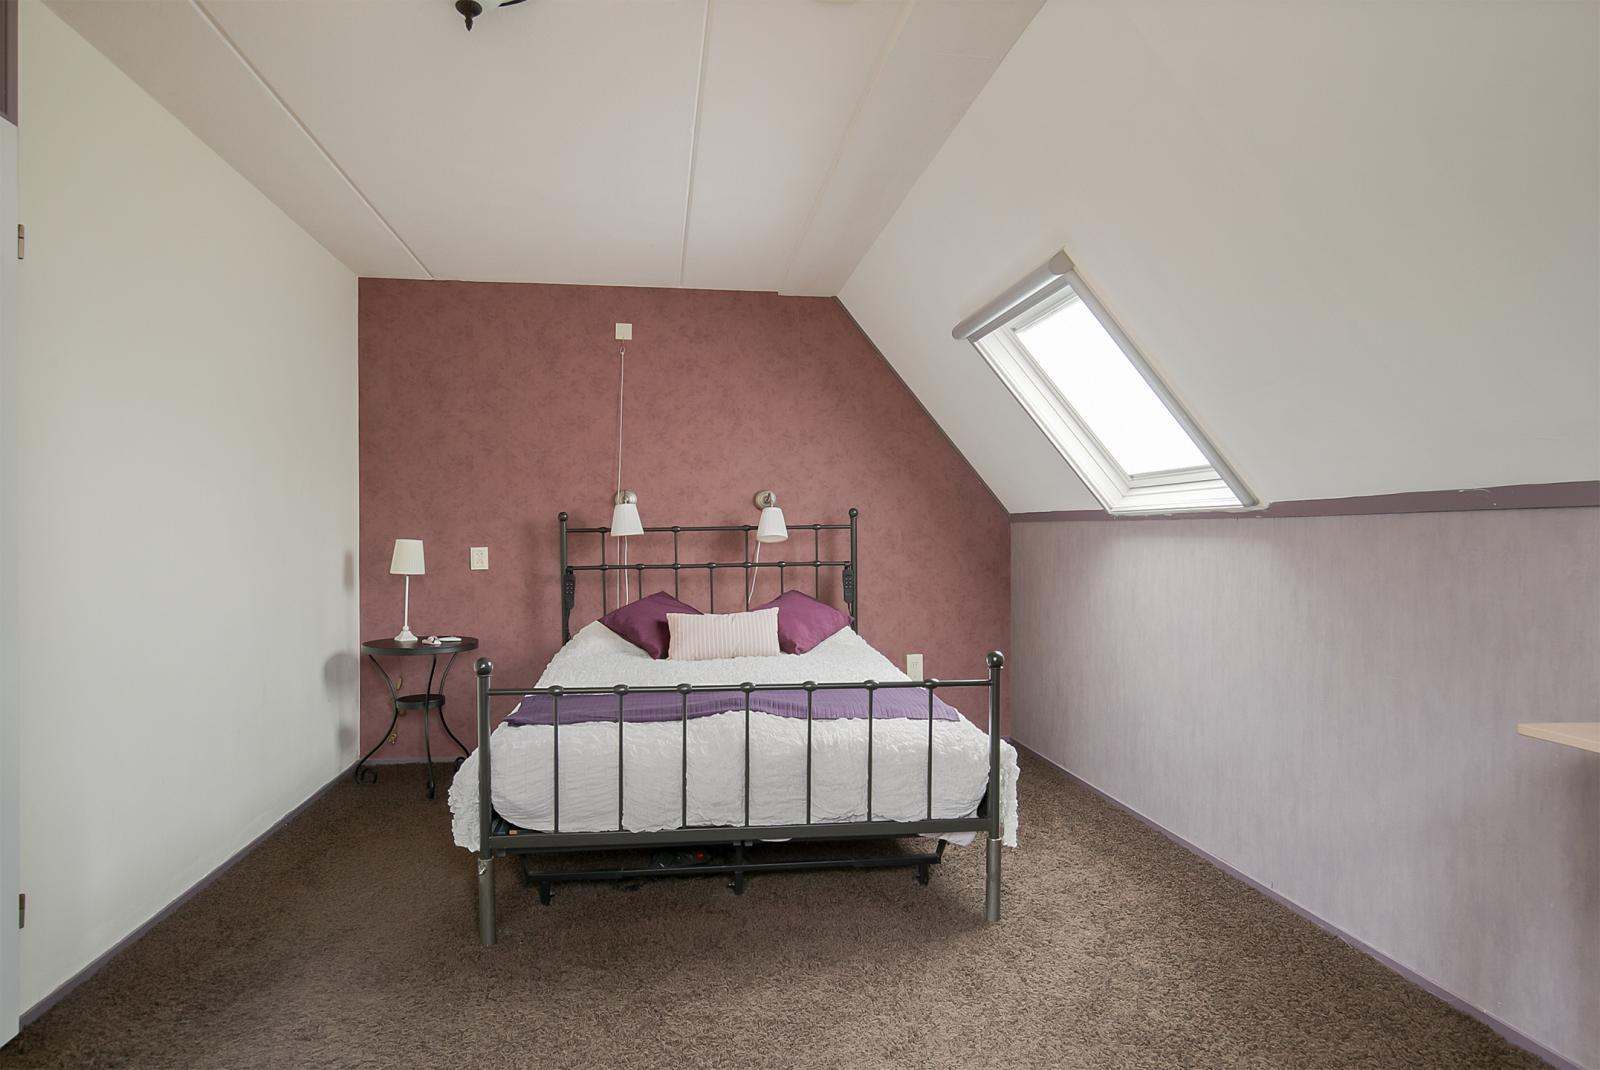 zeino-van-burmaniastrjitte-5-oppenhuizen-1202